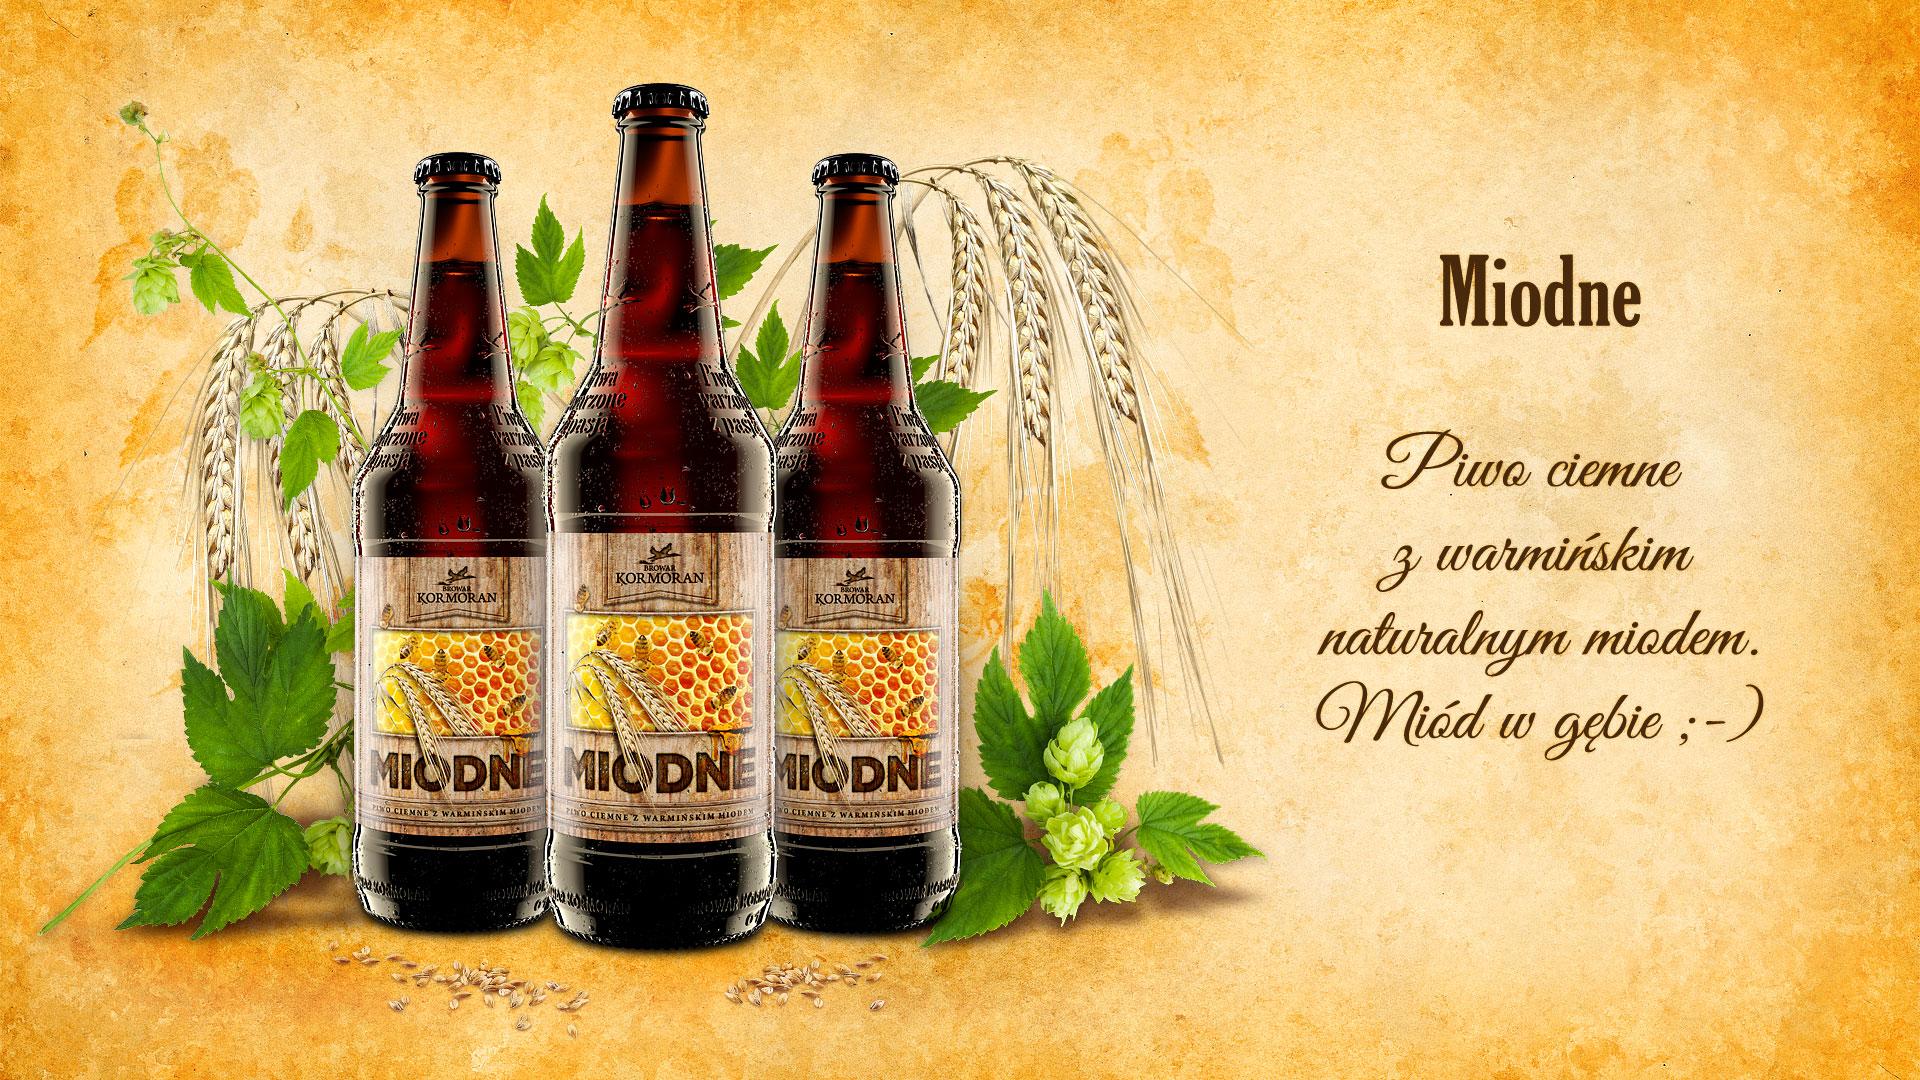 Piwo Miodne - Browar Kormoran